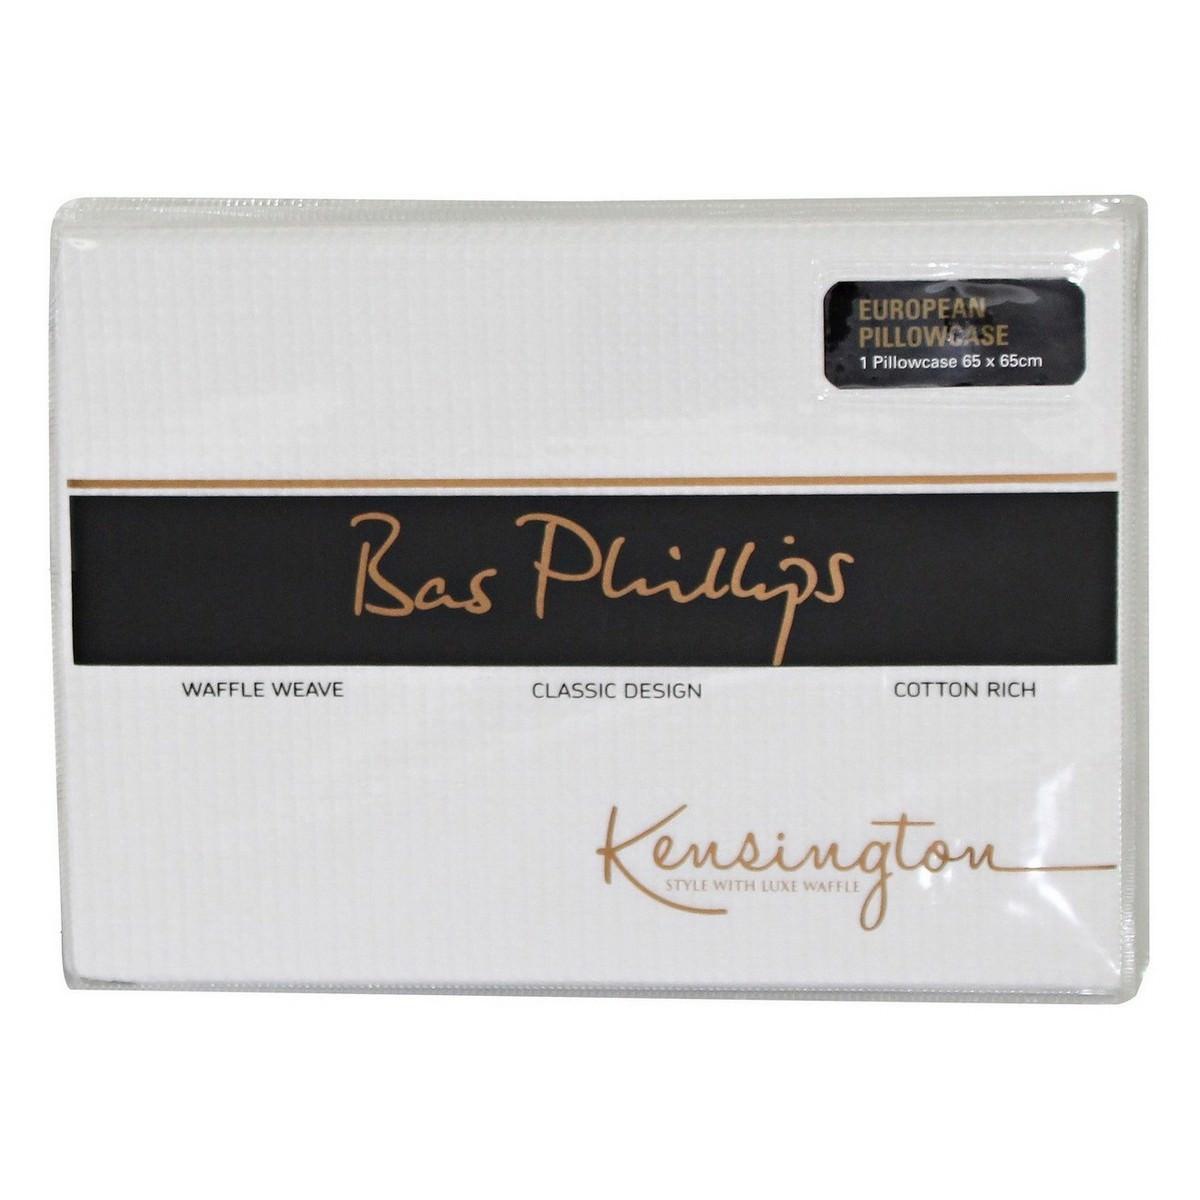 Bas Phillips Kensington Waffle Euro Pillowcase, White